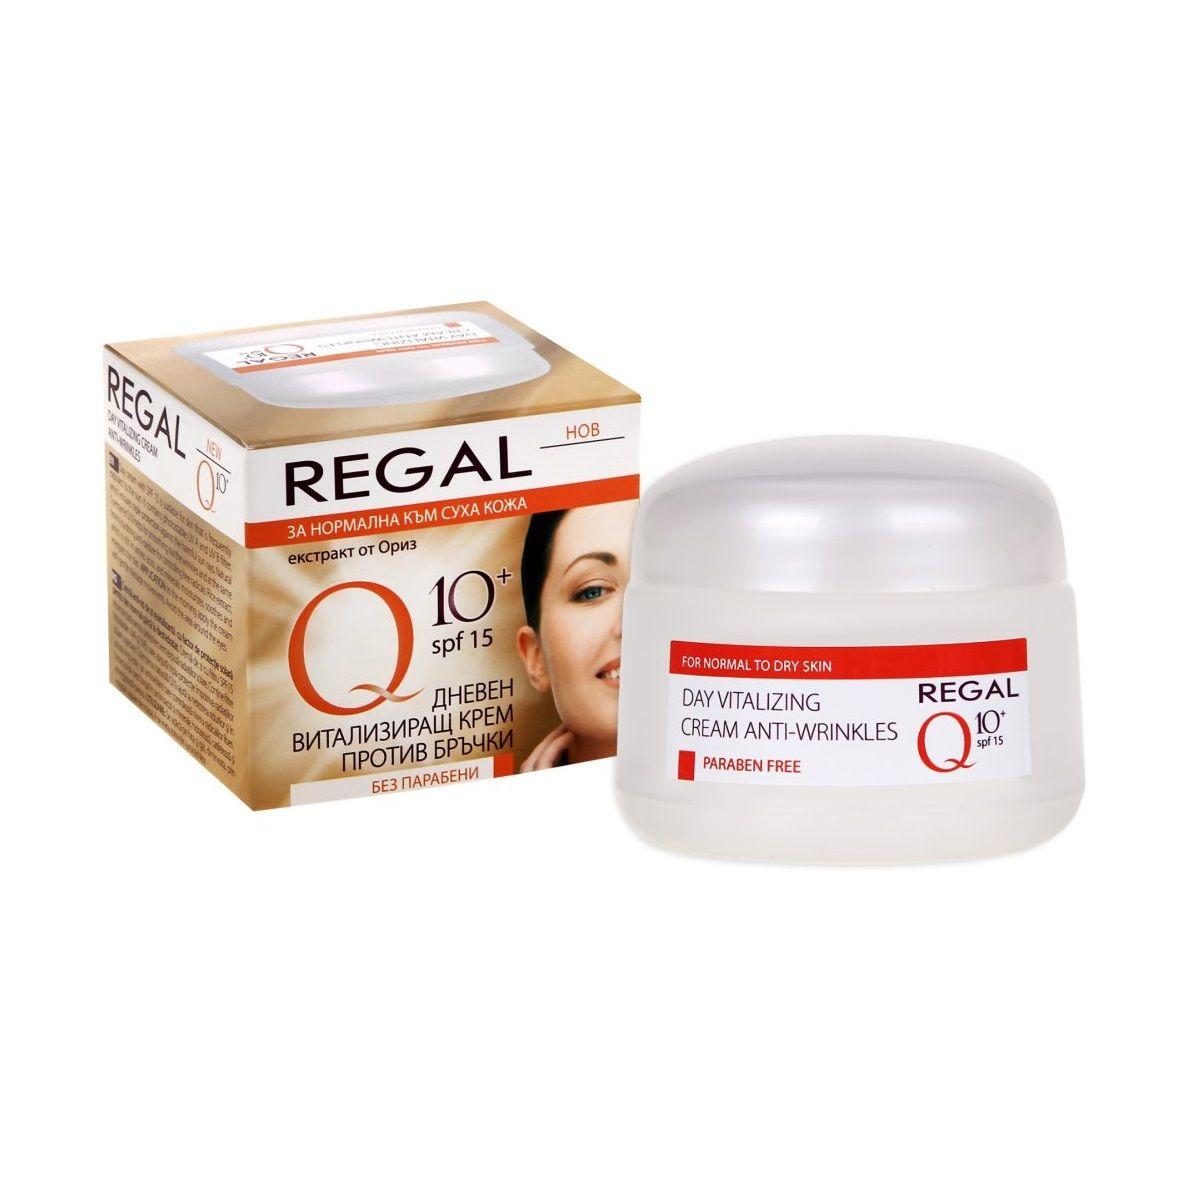 Regal Q10 Дневен крем против бръчки за нормална към суха..